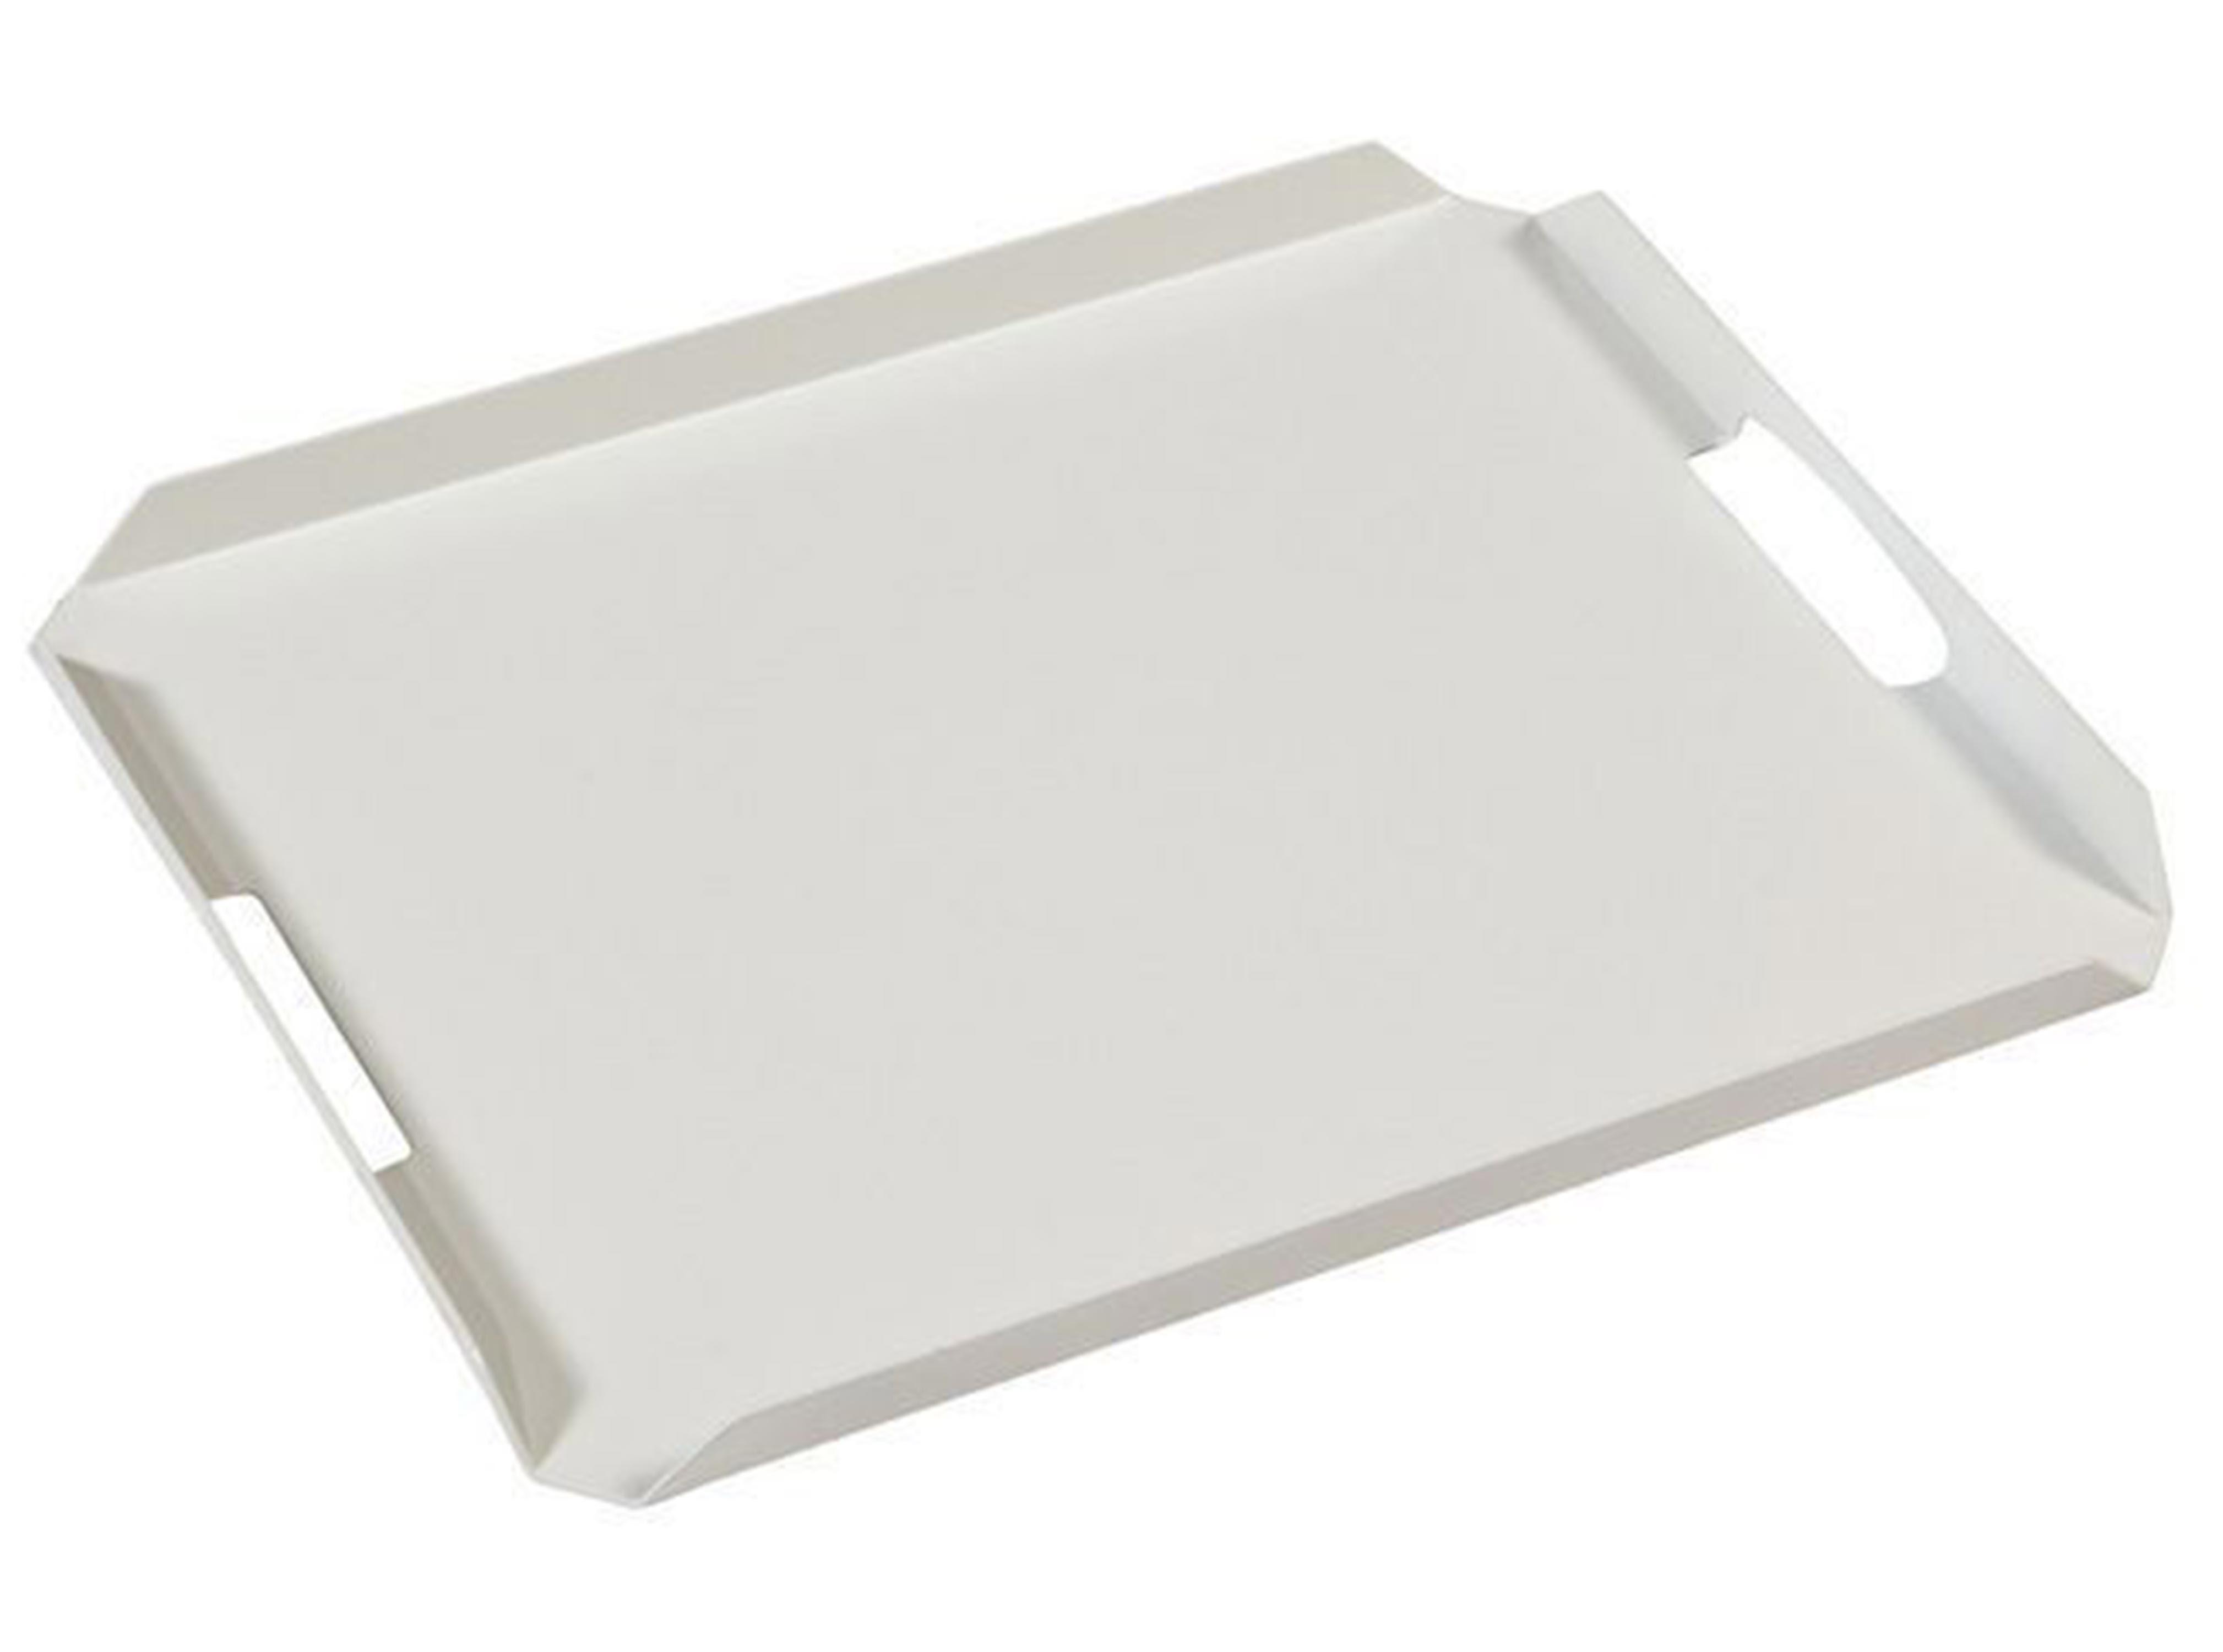 SUNS | Dienblad Parma 51 x 51 cm | Wit